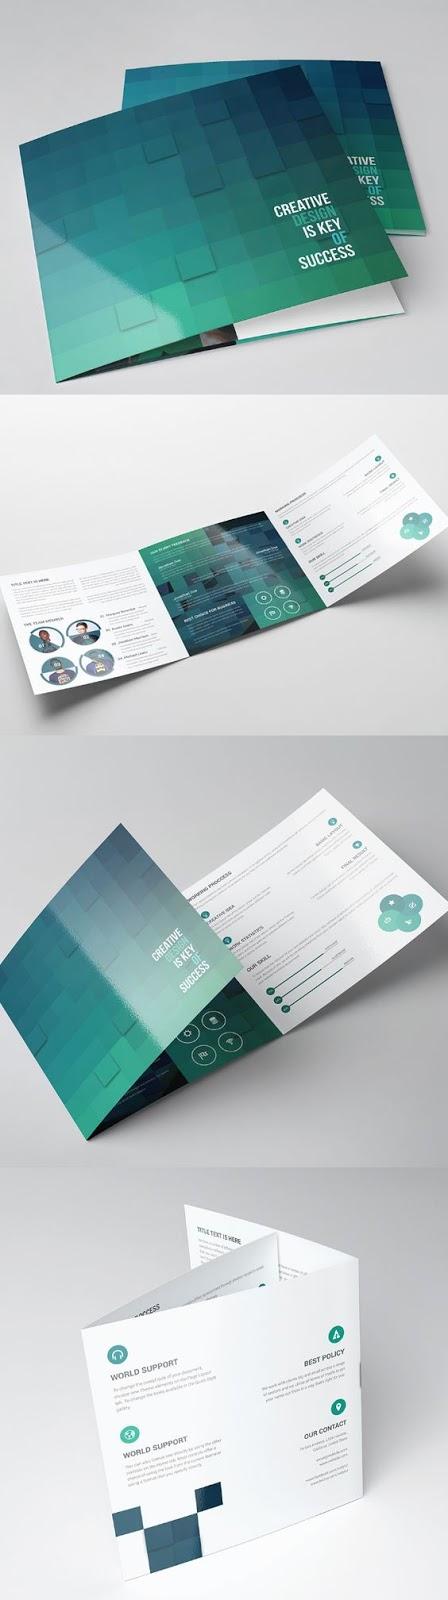 thiết kế brochure giá rẻ